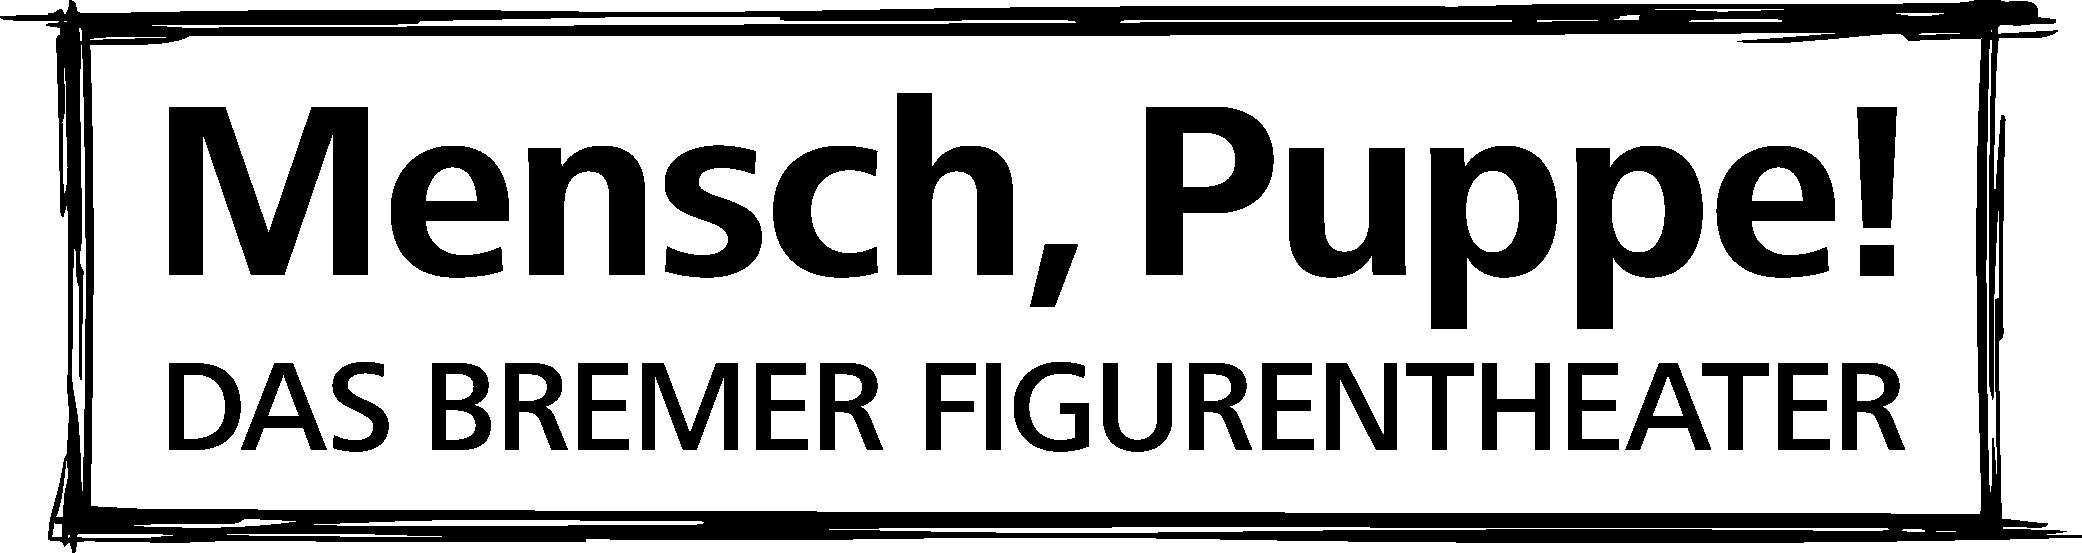 RZ_MenschPuppe_Logo_2014